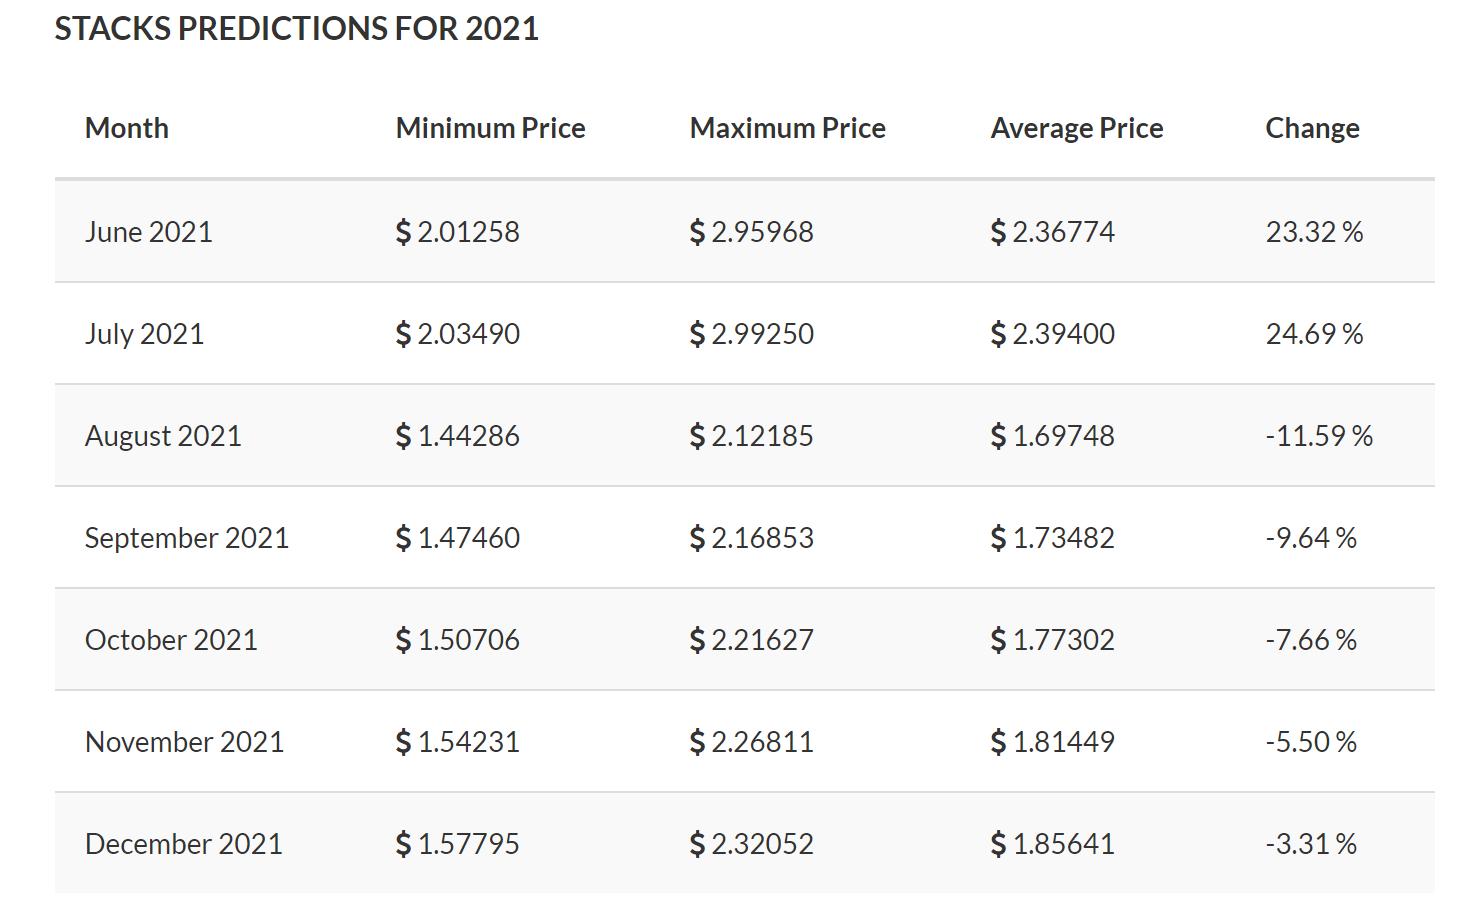 Stacks (STX) price prediction for 2021.